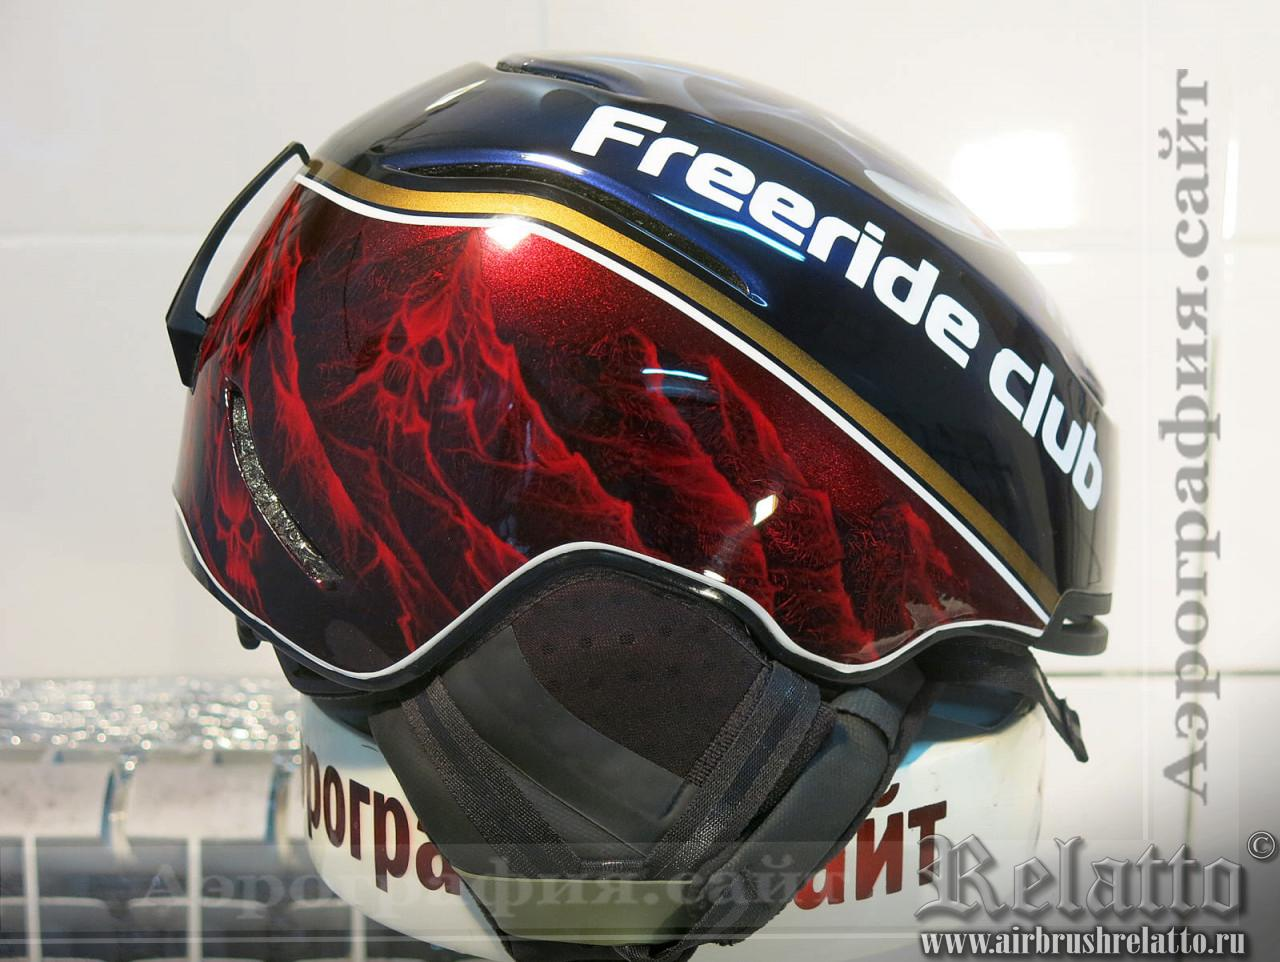 шлем горнолыжный в Краснодаре